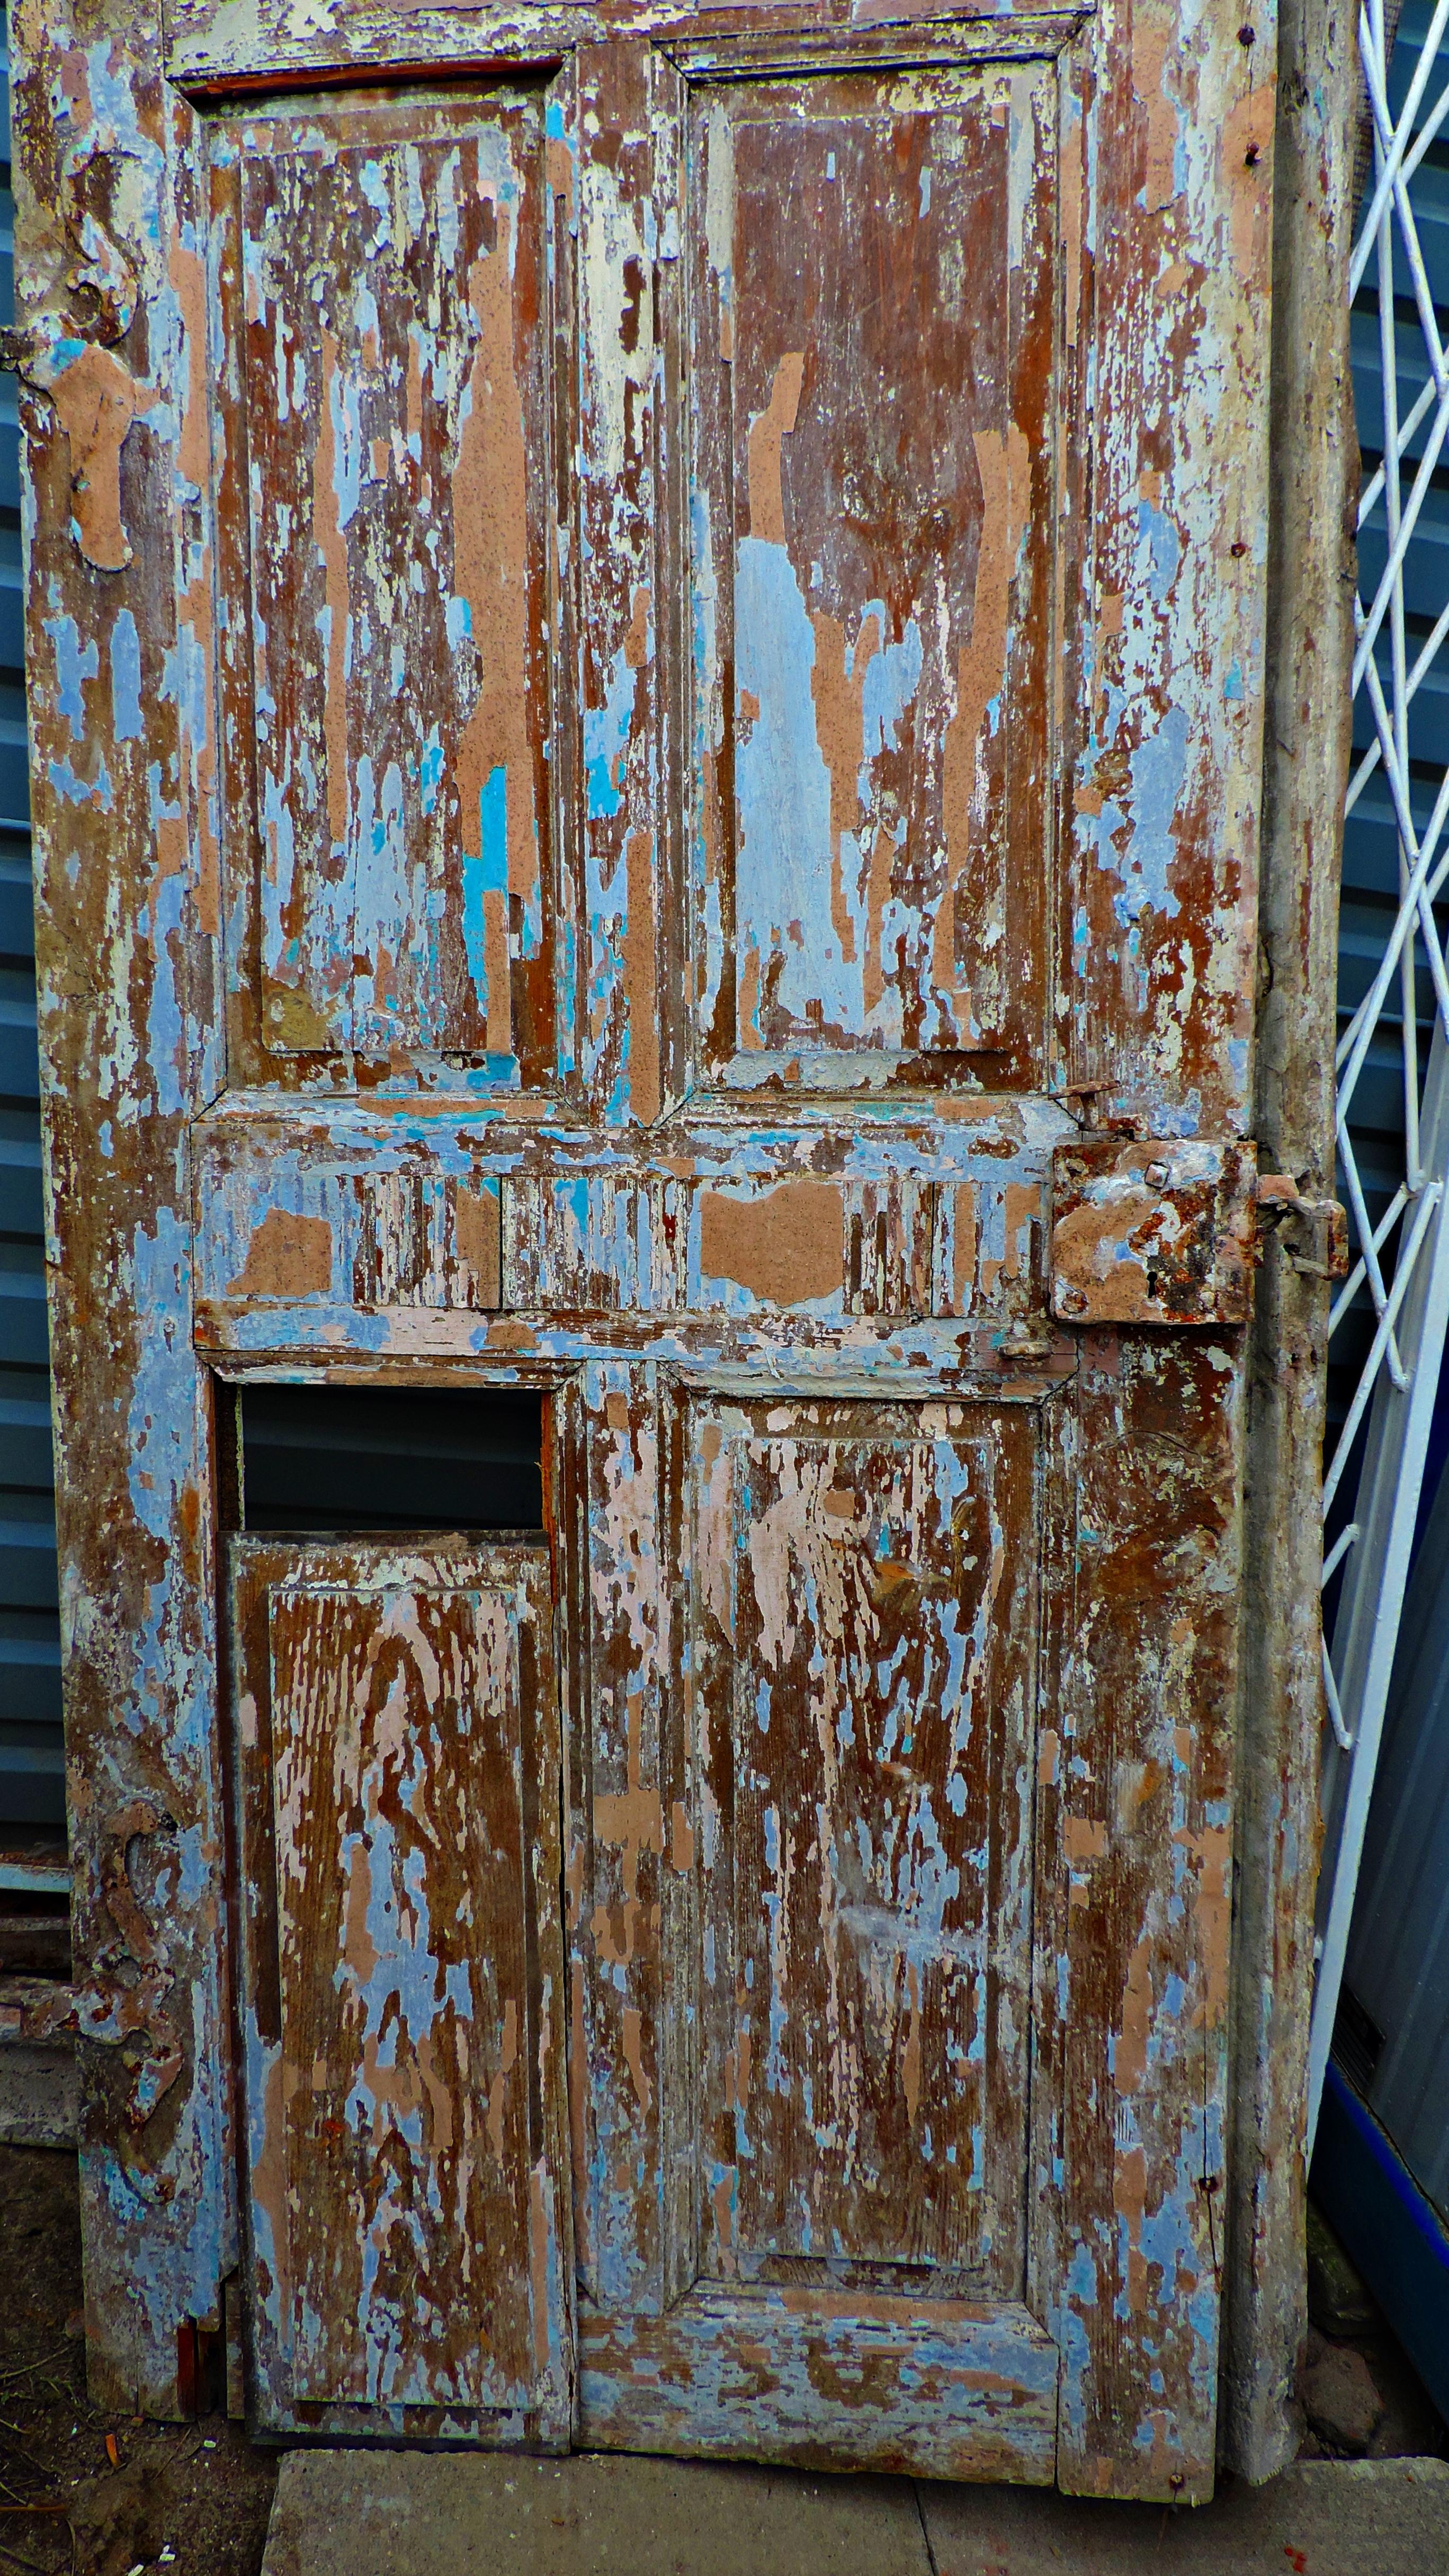 Drzwi ze starej plebanii. Foto Małgorzata Szturomska